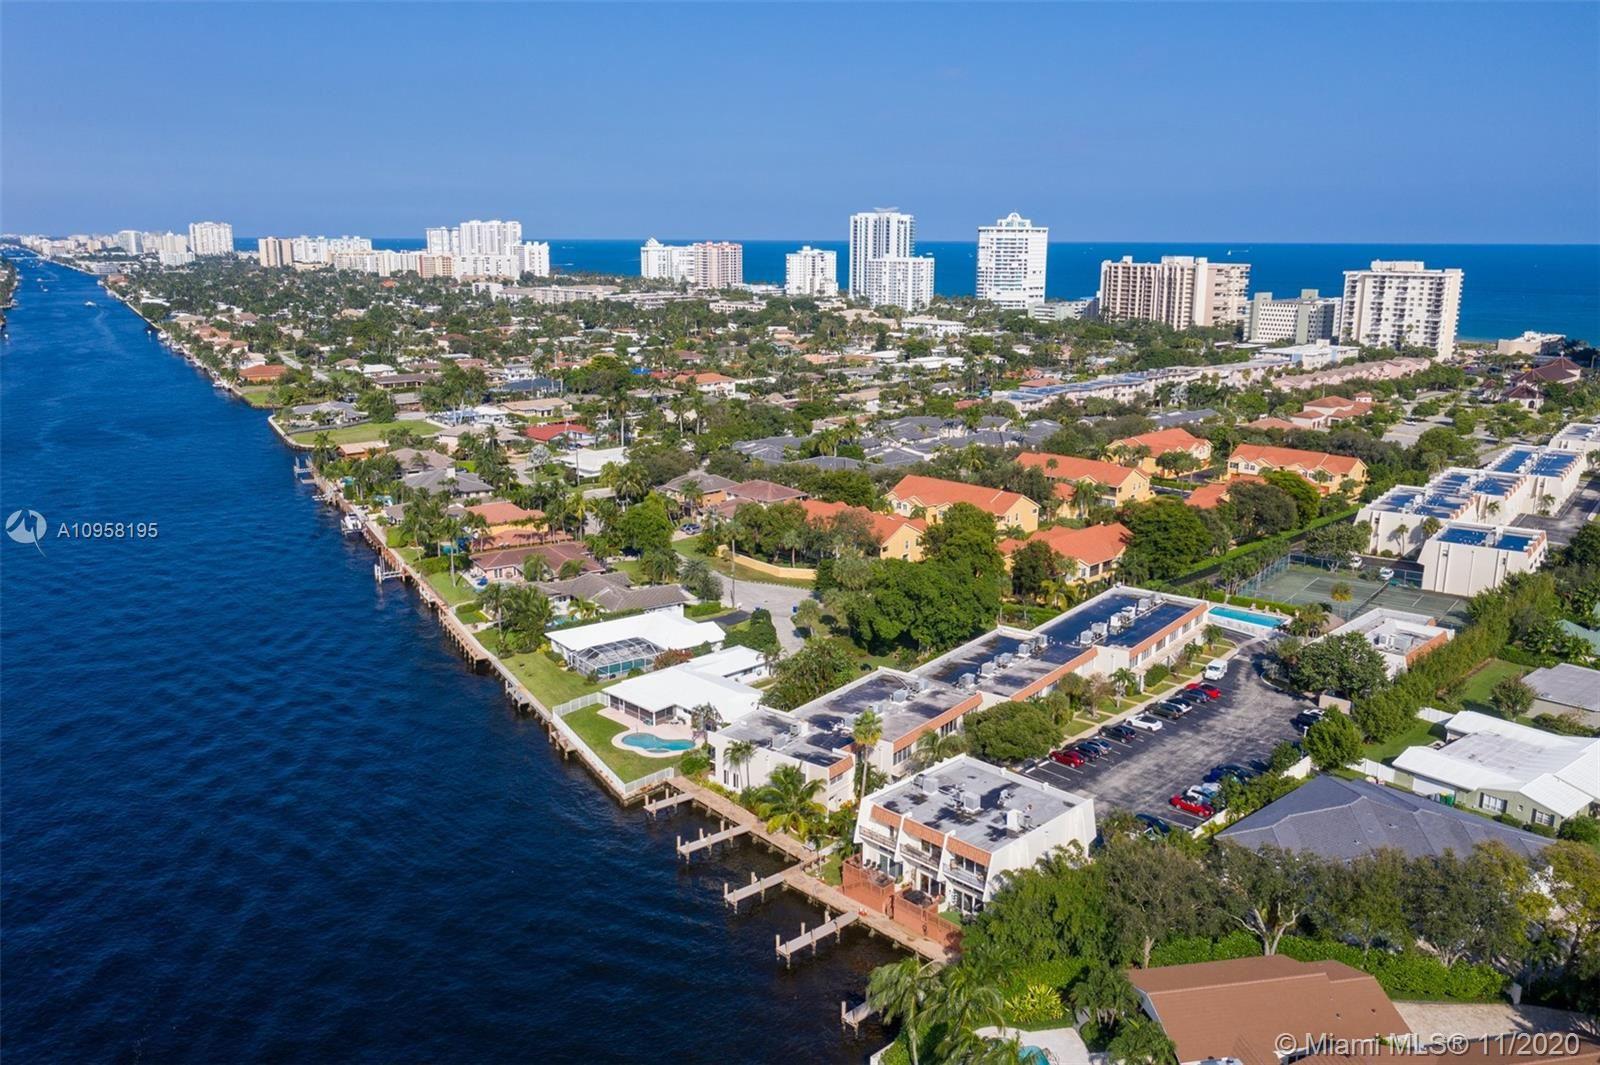 5555 N Ocean Blvd #29, Lauderdale by the Sea, FL 33308 - #: A10958195